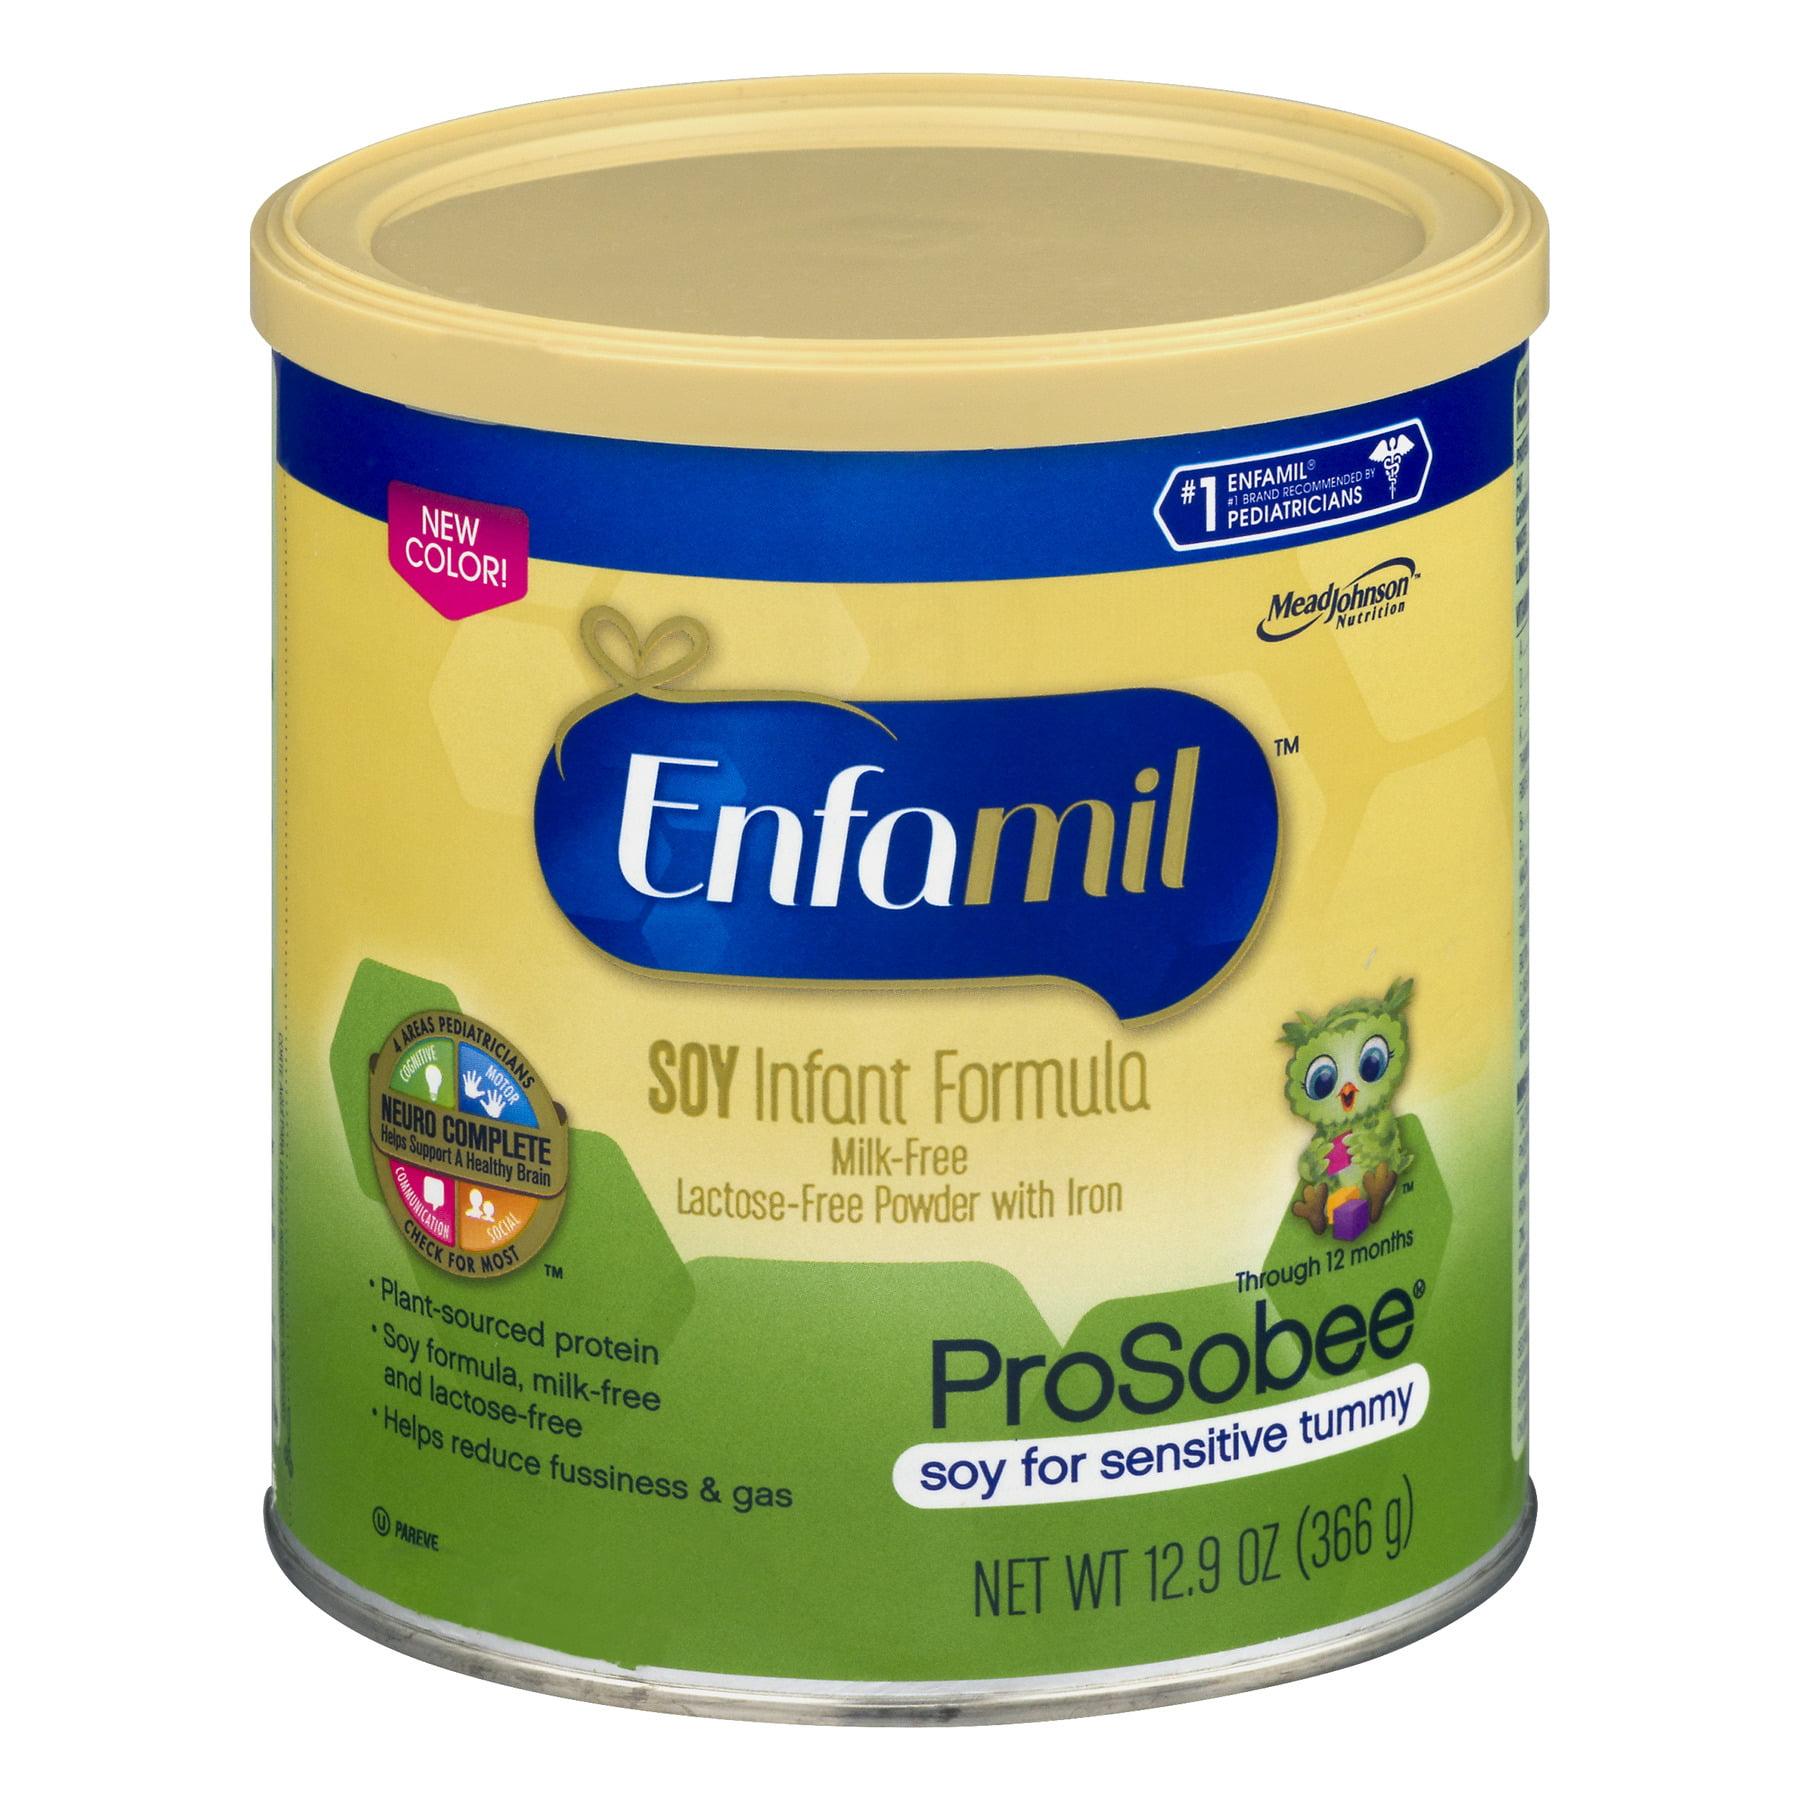 Enfamil ProSobee Soy Infant Formula Powder 12.9 oz. Canister